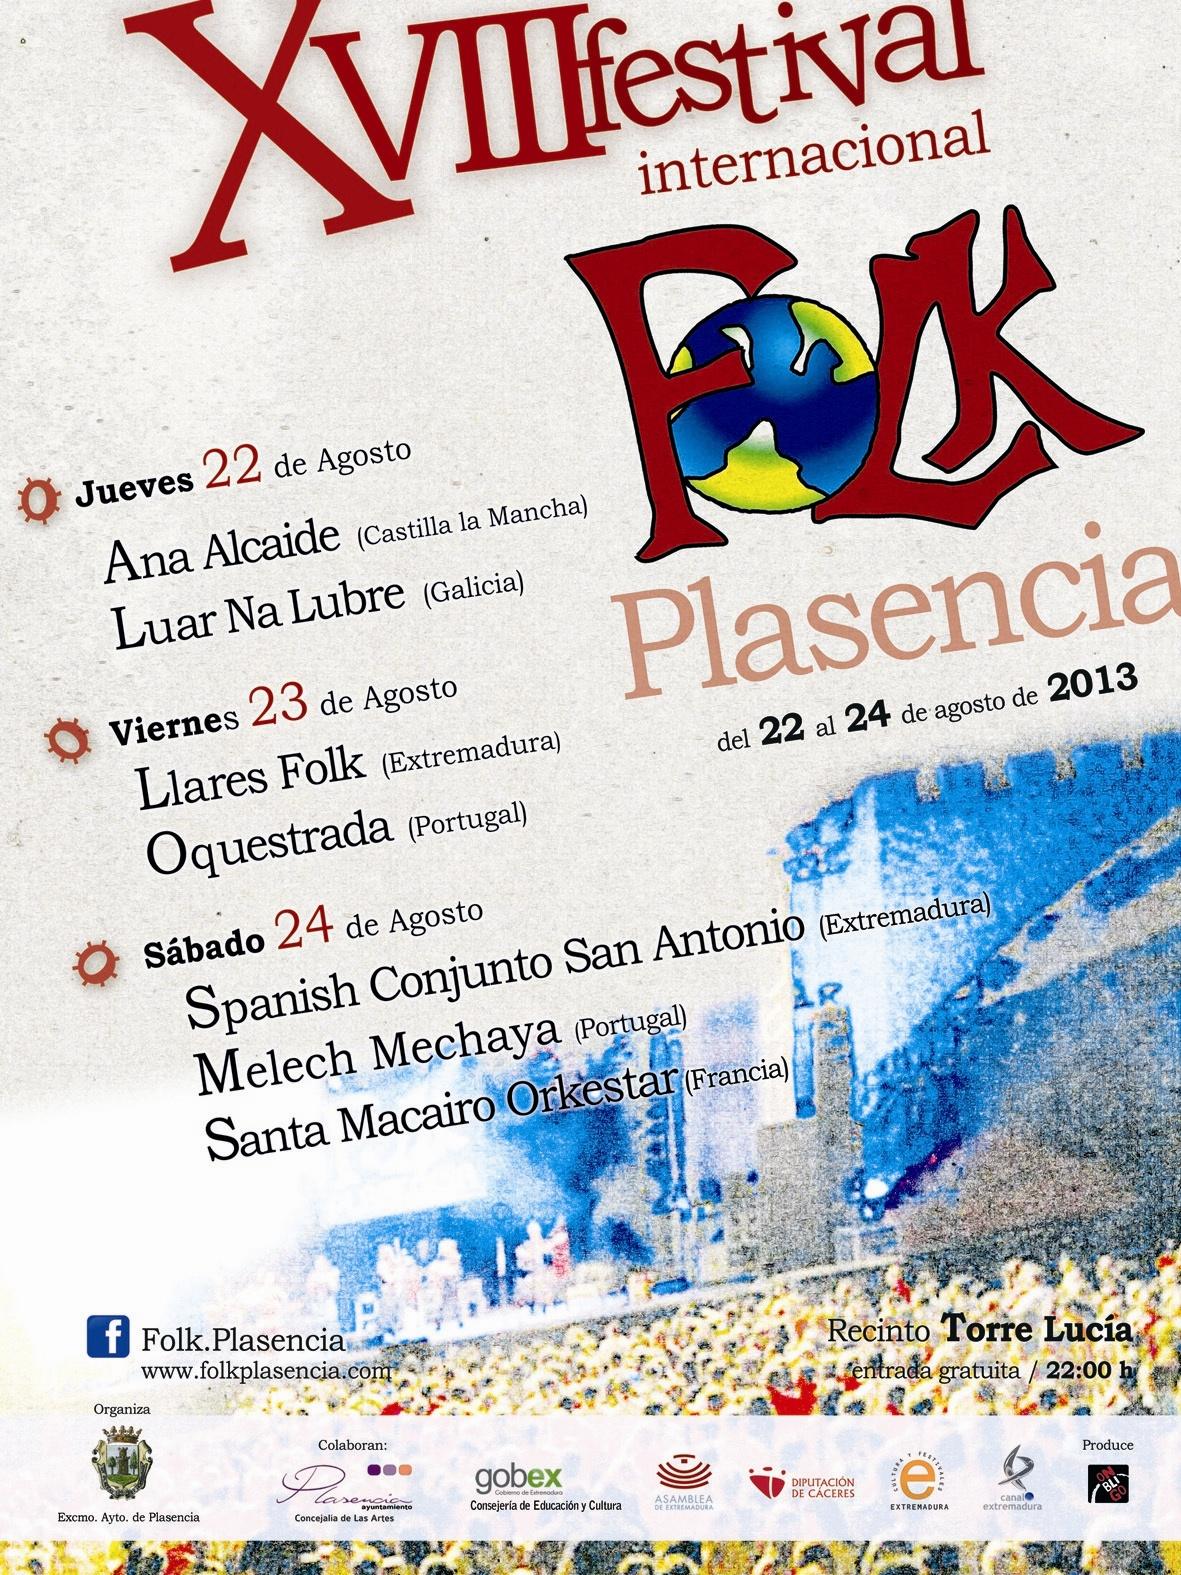 »Luar Na Lubre» y »Oquestrada», entre las formaciones que actuarán el XVIII Festival Internacional Folk de Plasencia